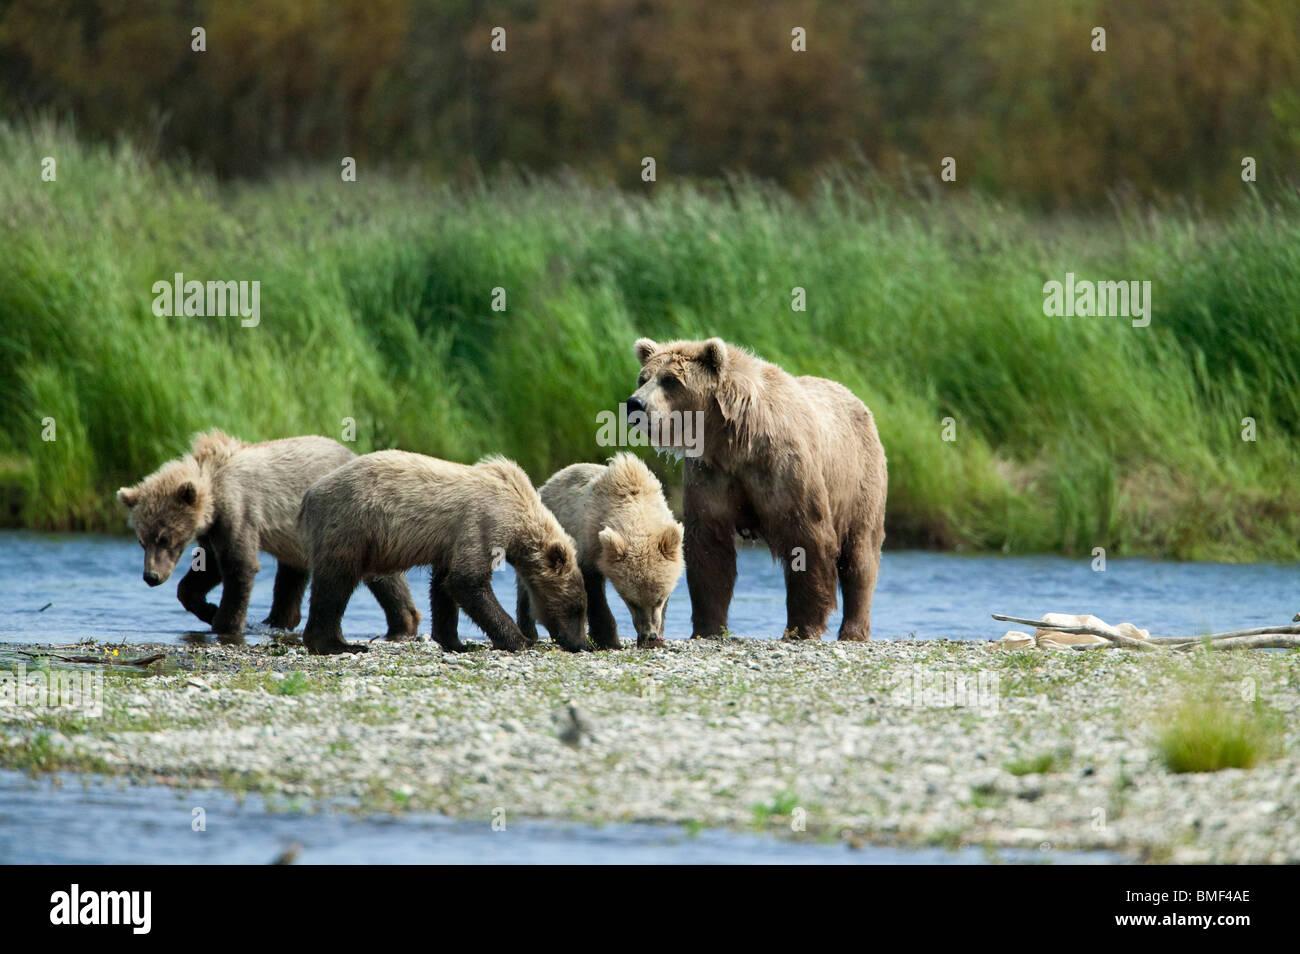 Brown bears, Katmai National Park, Alaska - Stock Image